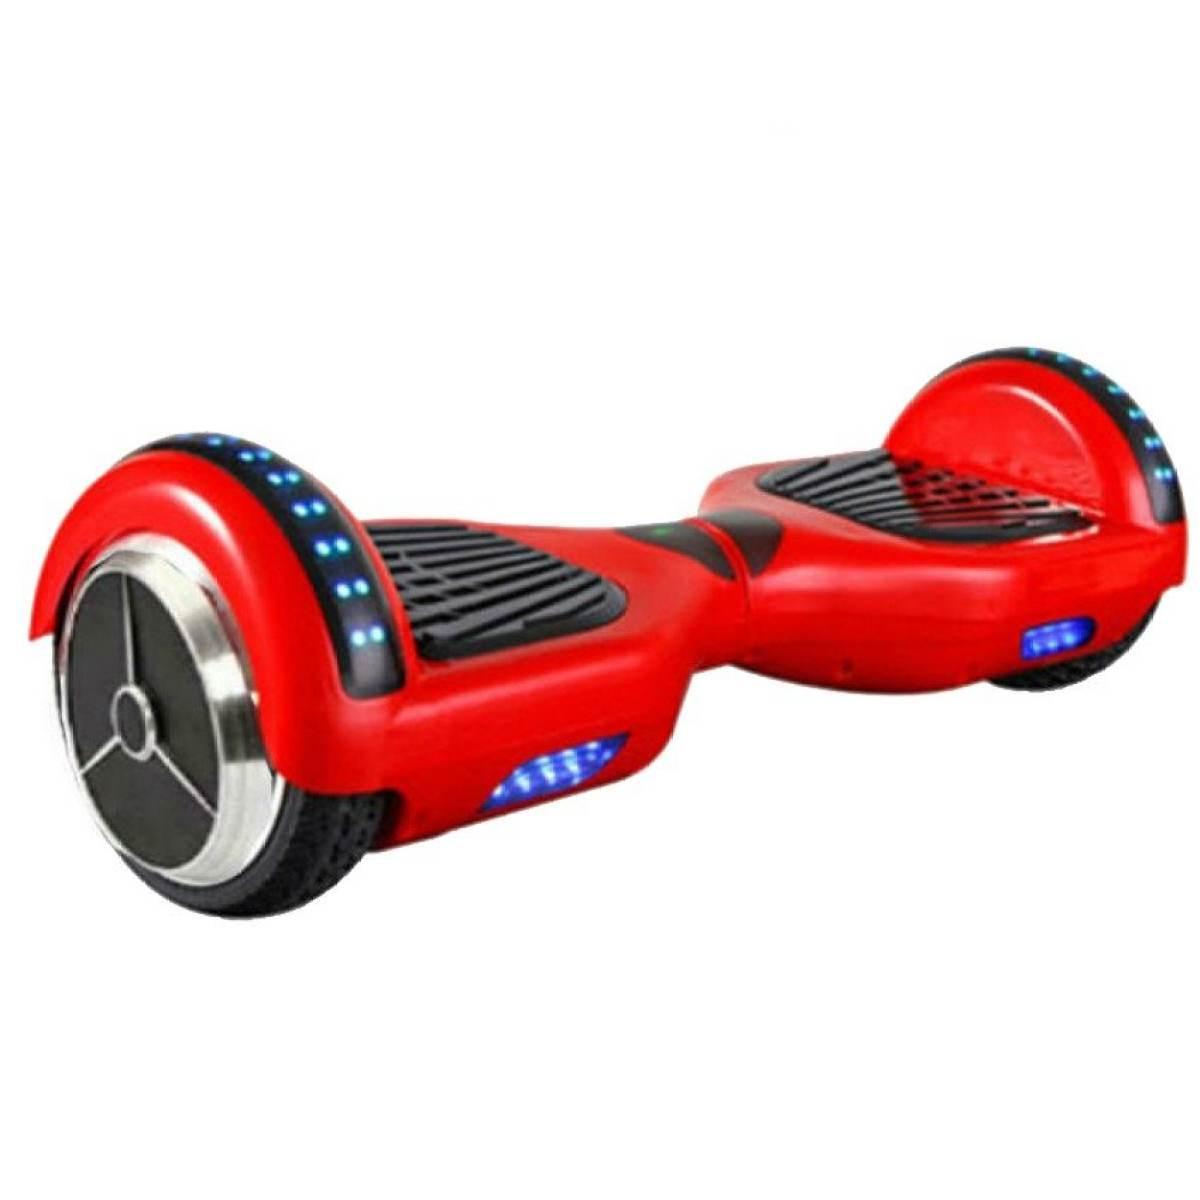 Review Xe điện tự cân bằng thông minh Smart Balance Wheel 6.5 inch